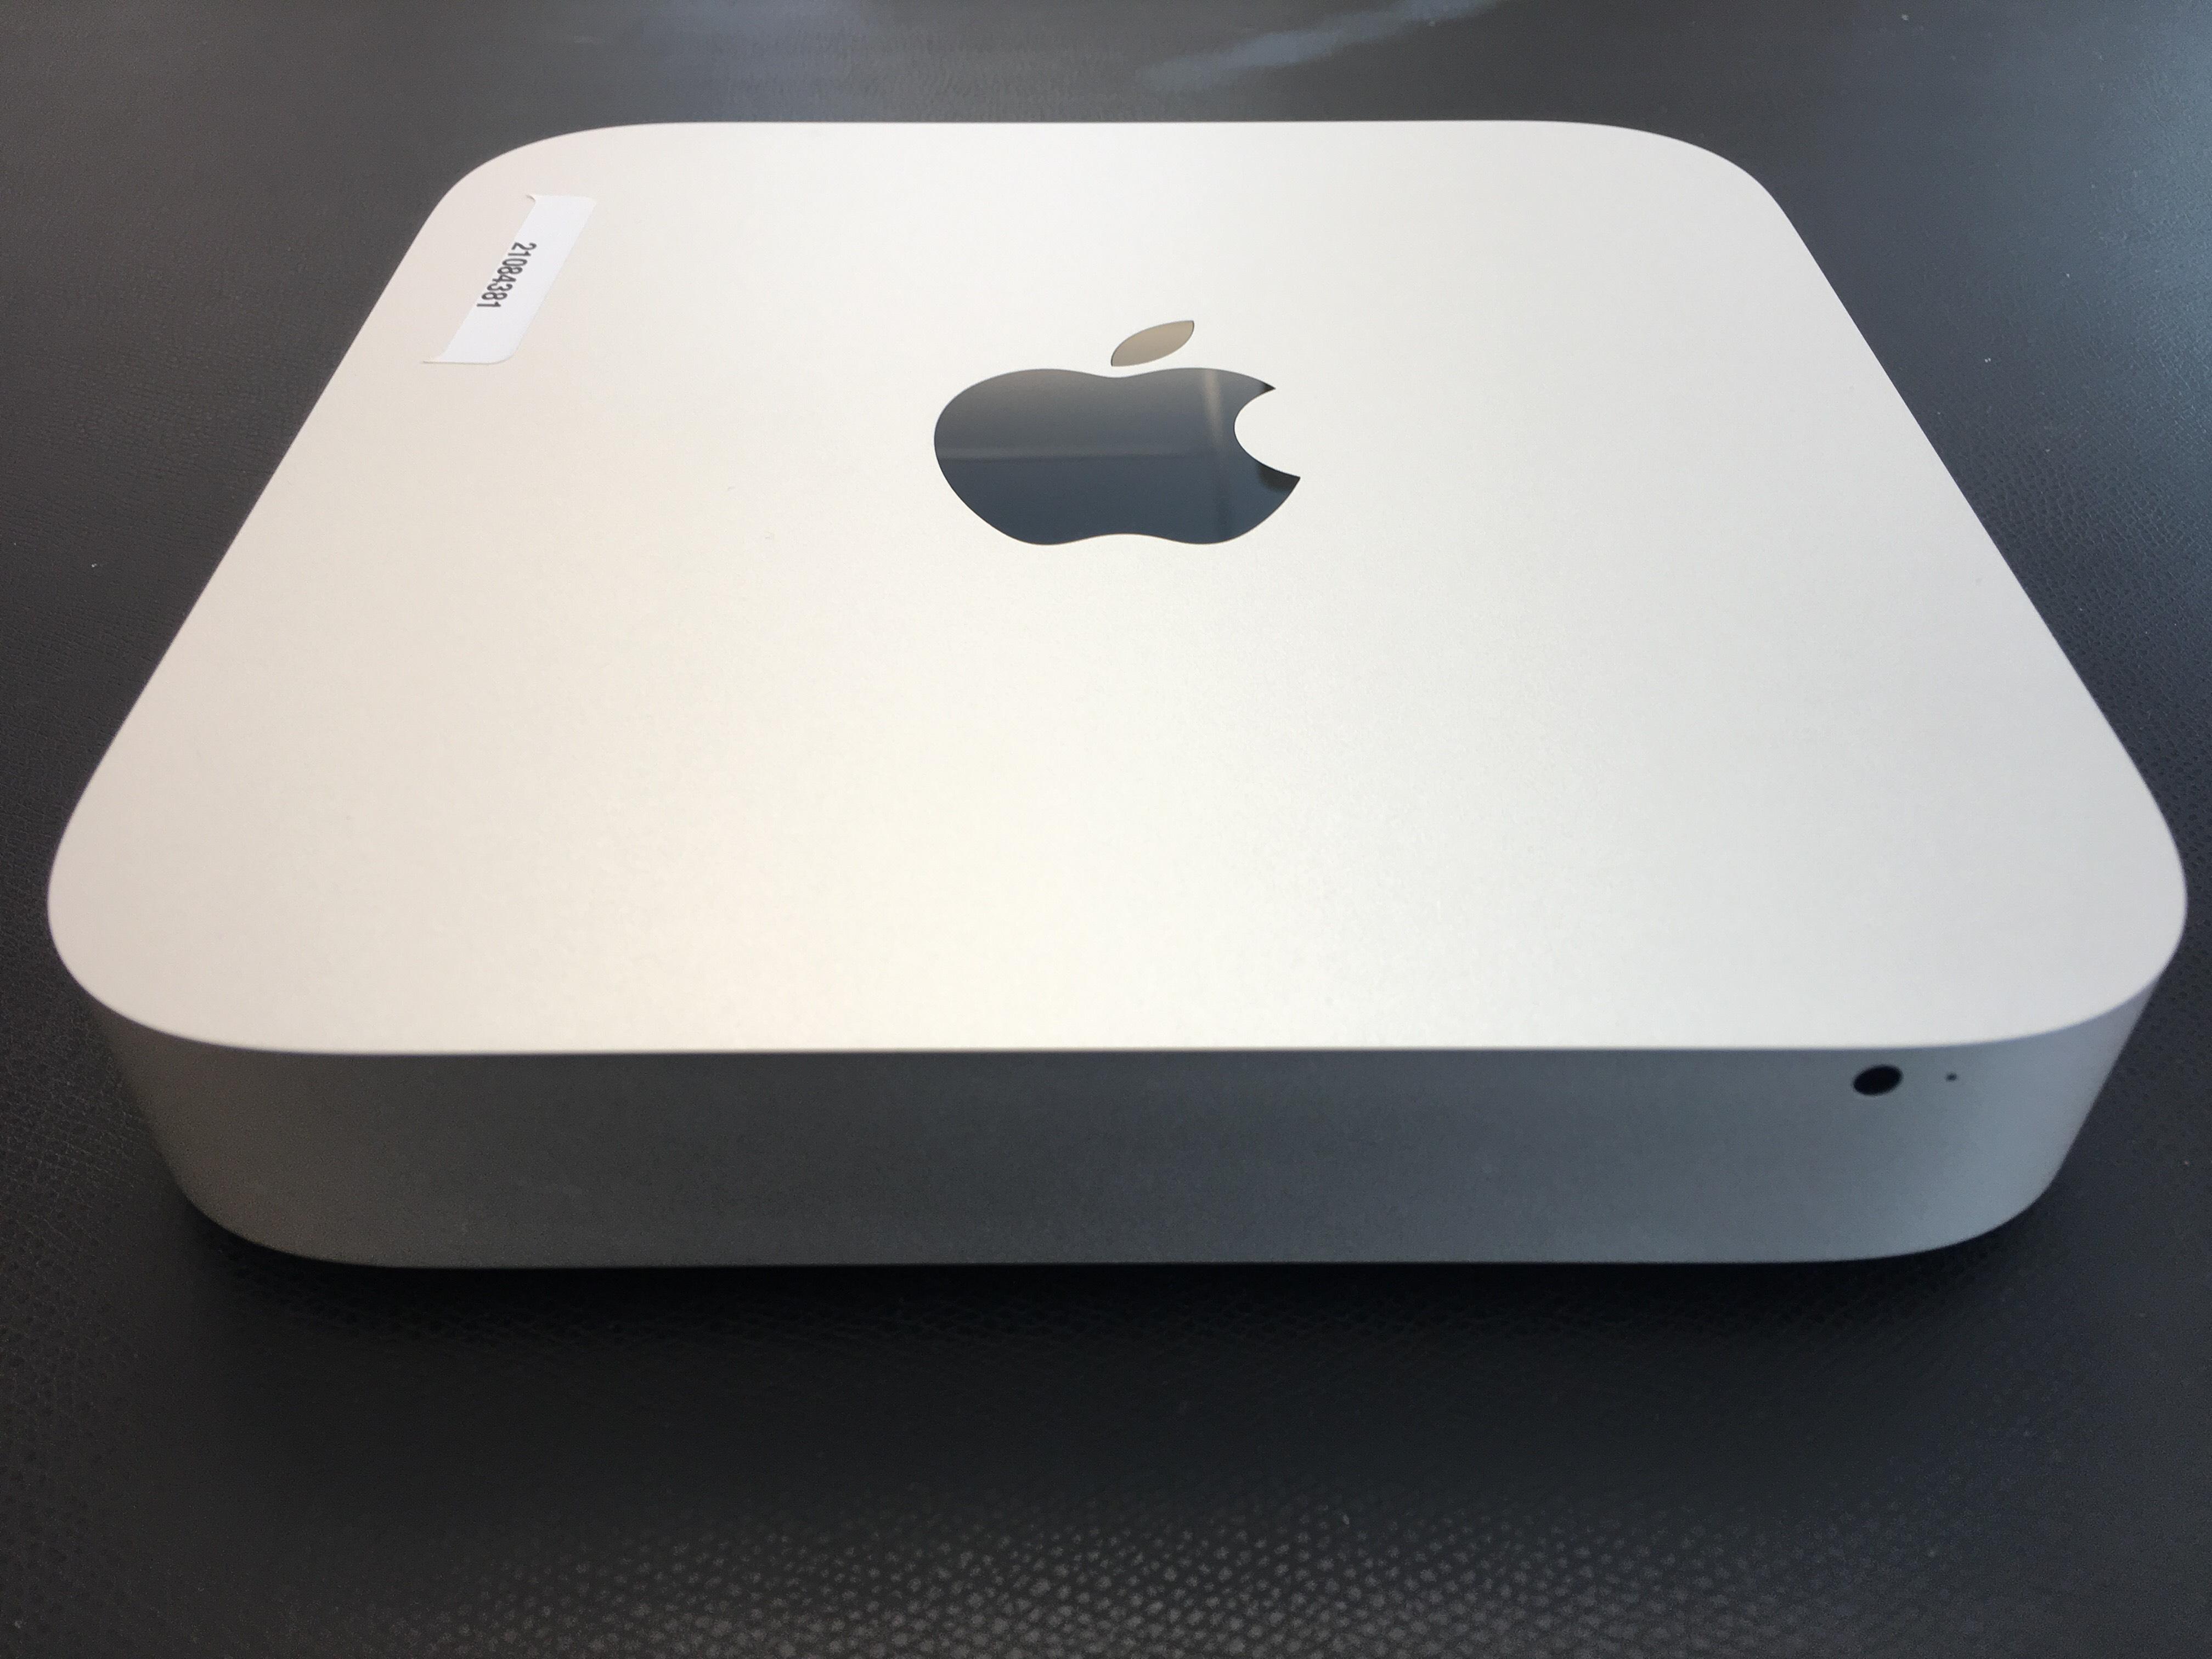 Mac Mini Late 2014 (Intel Core i5 1.4 GHz 4 GB RAM 500 GB HDD), Intel Core i5 1.4 GHz (Haswell), 4 GB PC3-12800 (1600 MHz) LPDDR3, 500 GB, bild 2